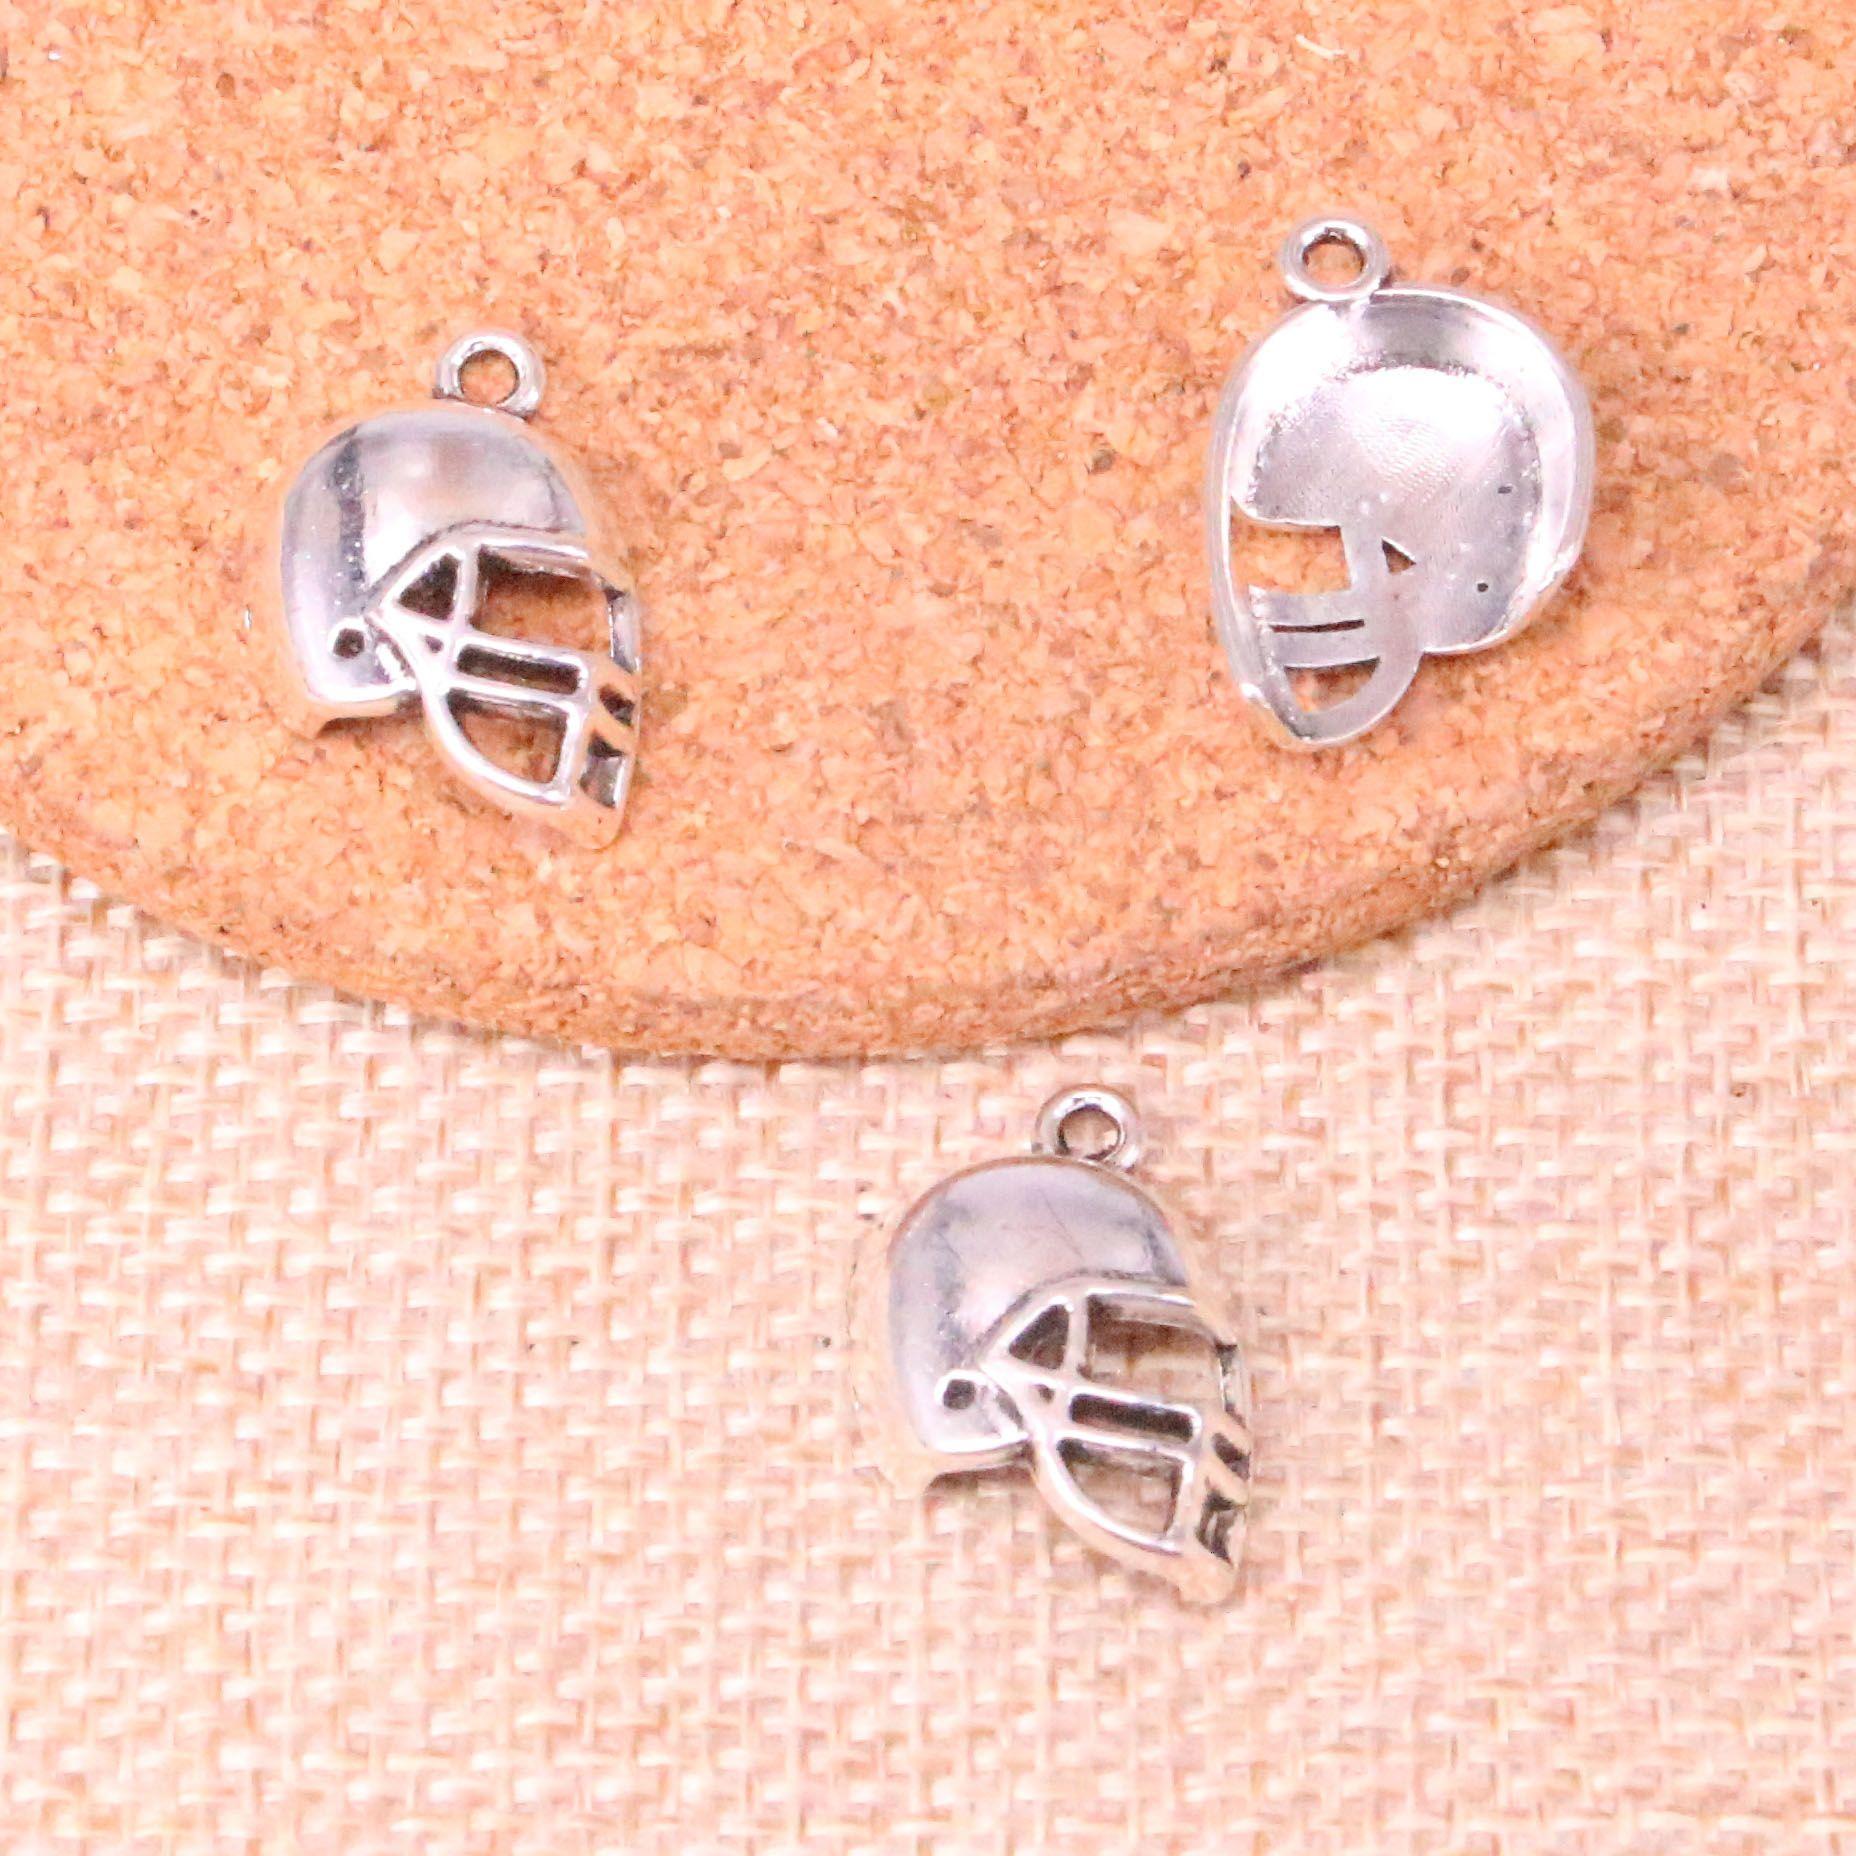 92pcs fascini Soccor casco da football 20 * 15mm antiquariato del pendente adatti che fanno, d'argento tibetani, gioielli artigianali fai da te